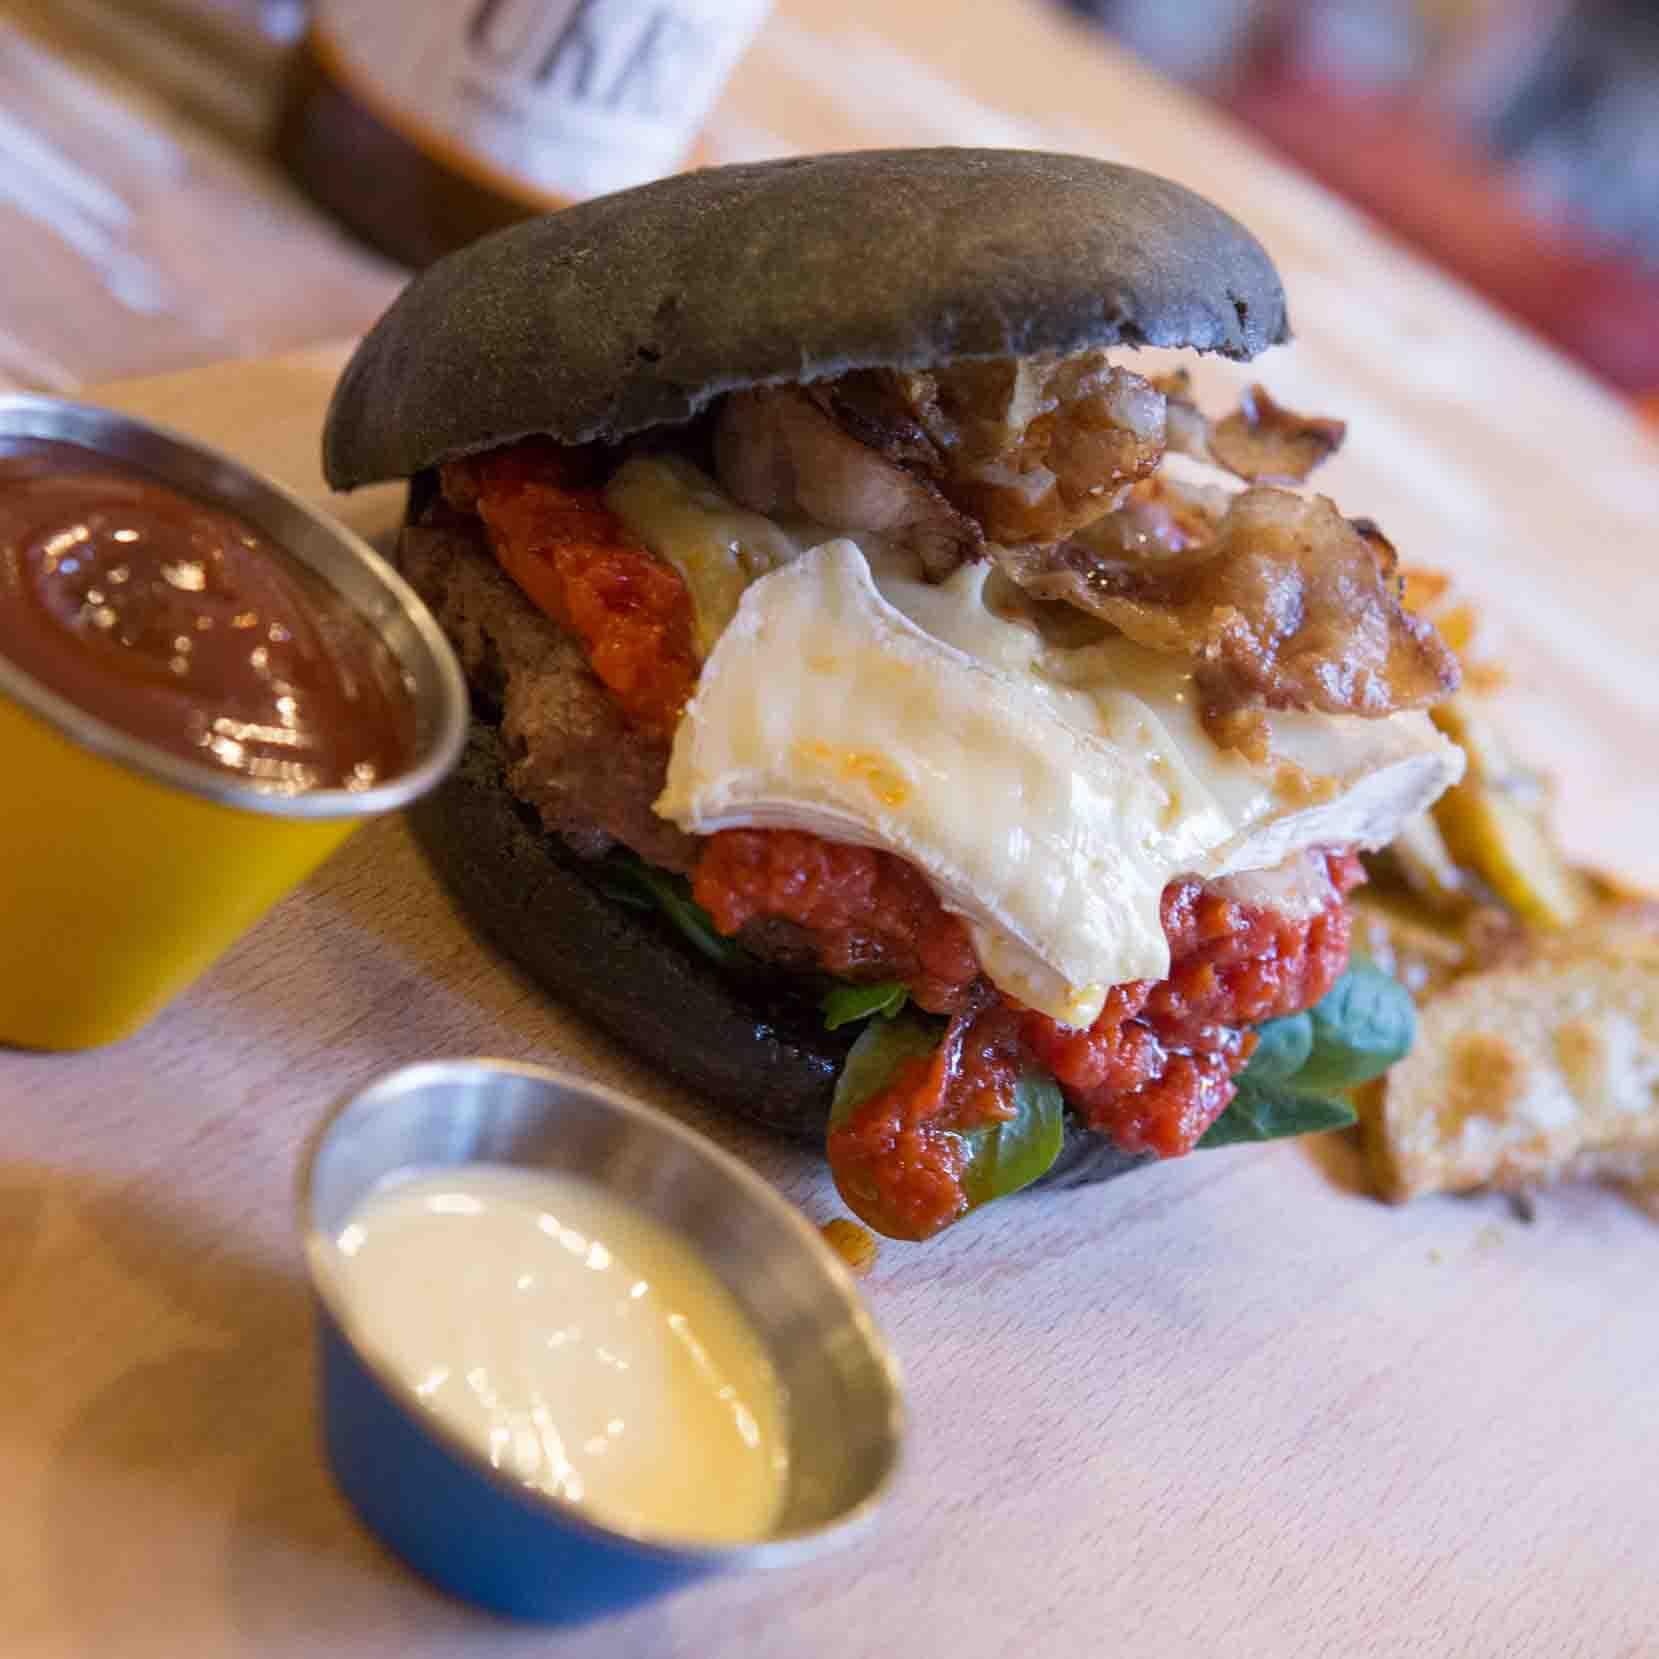 Emporio ladispoli Panini burger streetfood Pane nero 1